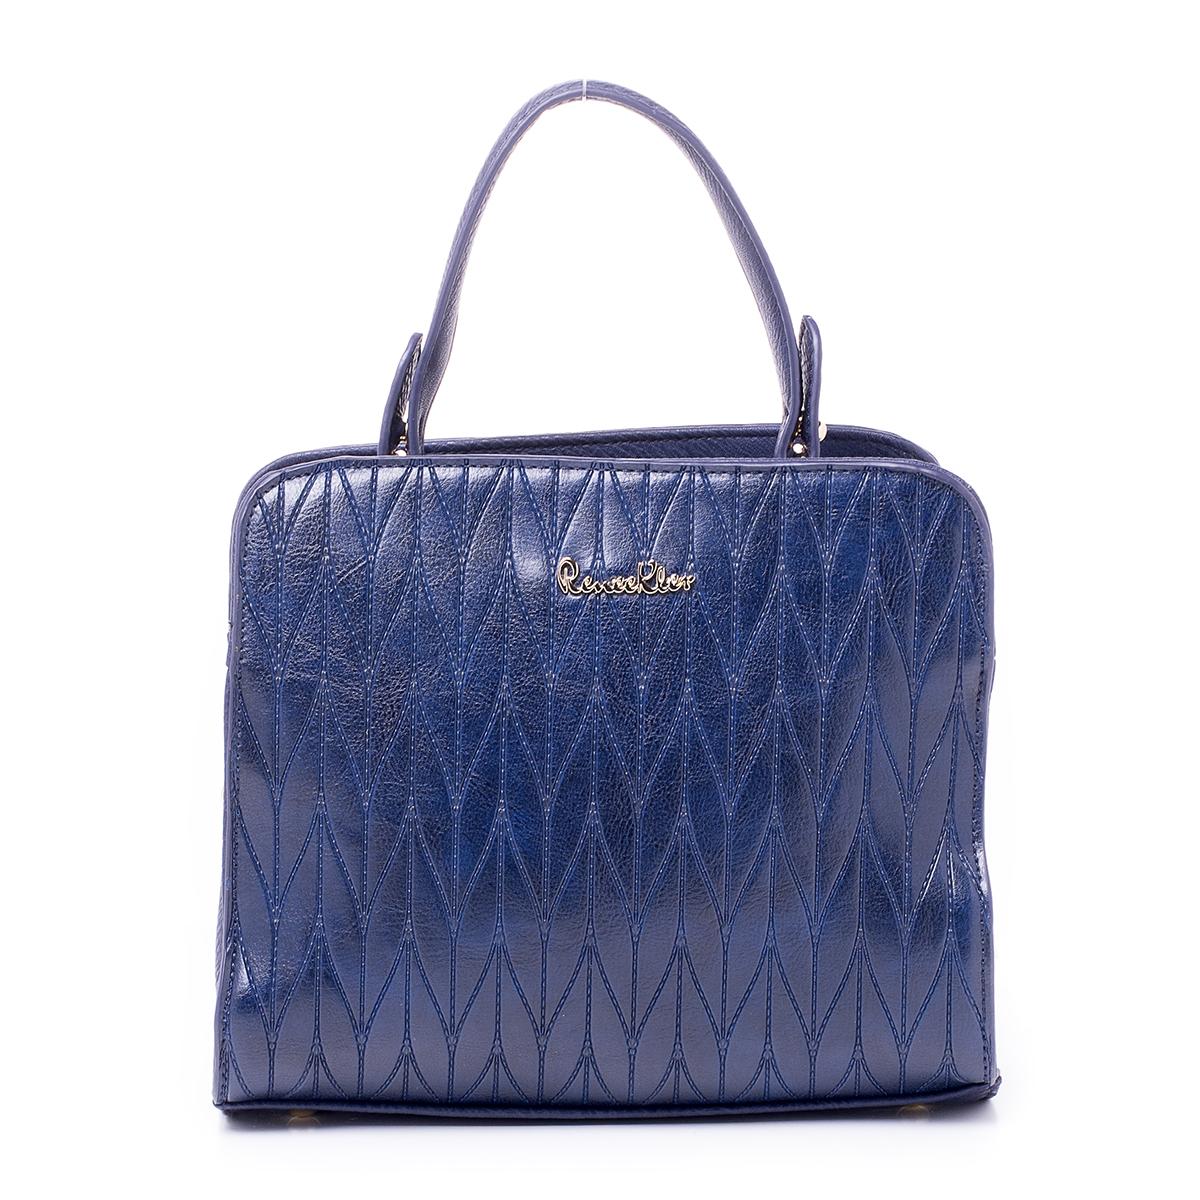 Сумка женская Renee Kler, цвет: синий. RK514-06RK514-06Загрязнения на изделиях удаляется влажной мягкой тканью